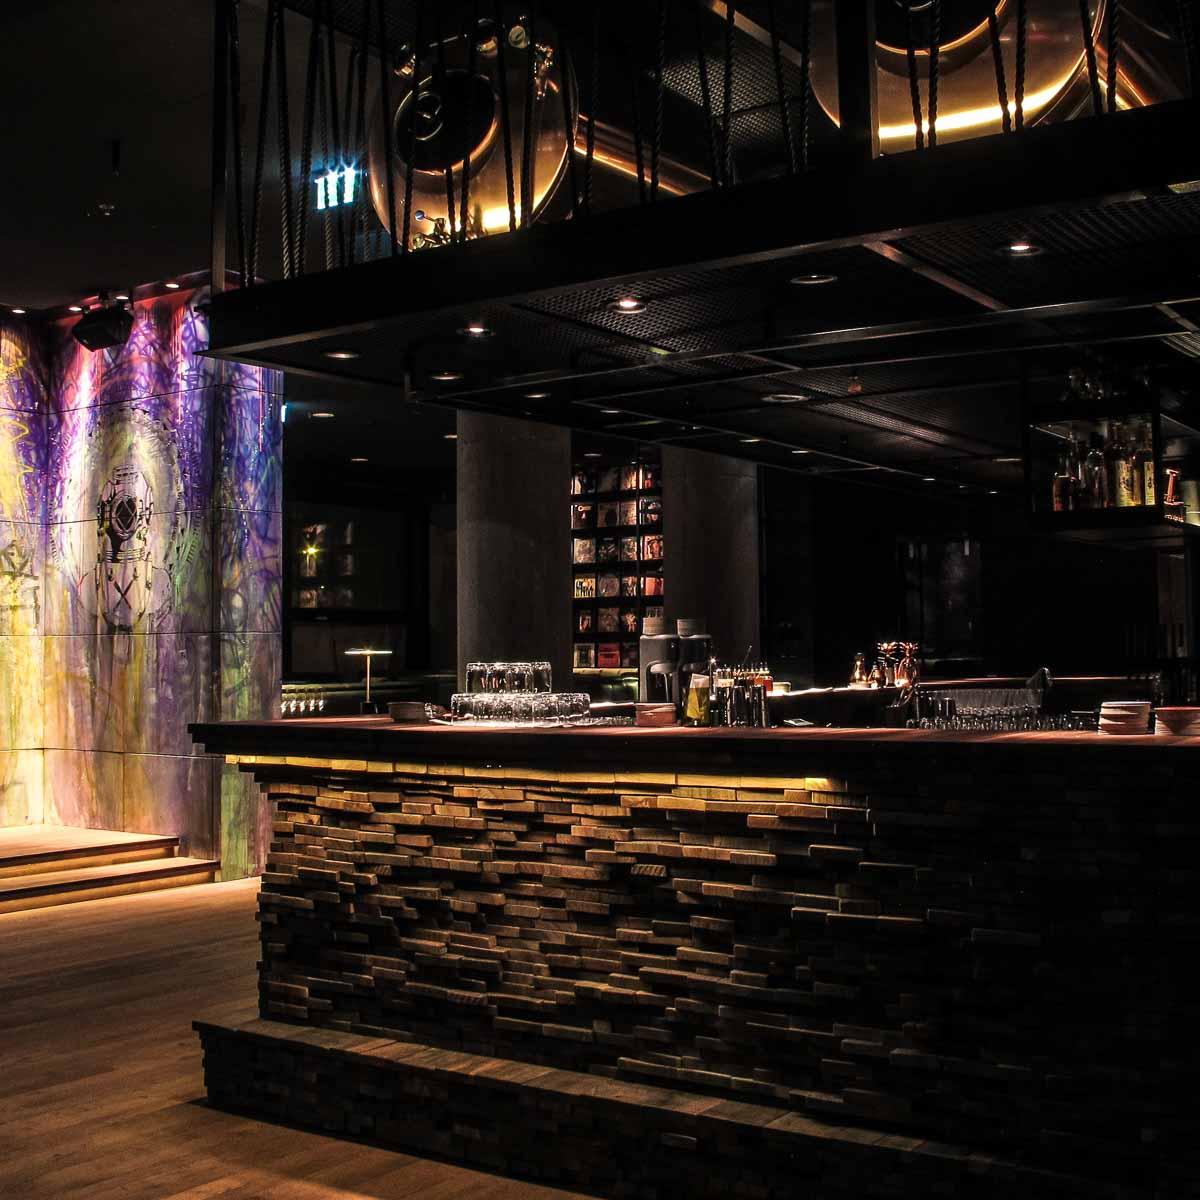 Restaurant Bar Spelunke am Donaukanal Wien © AkiraSakurai